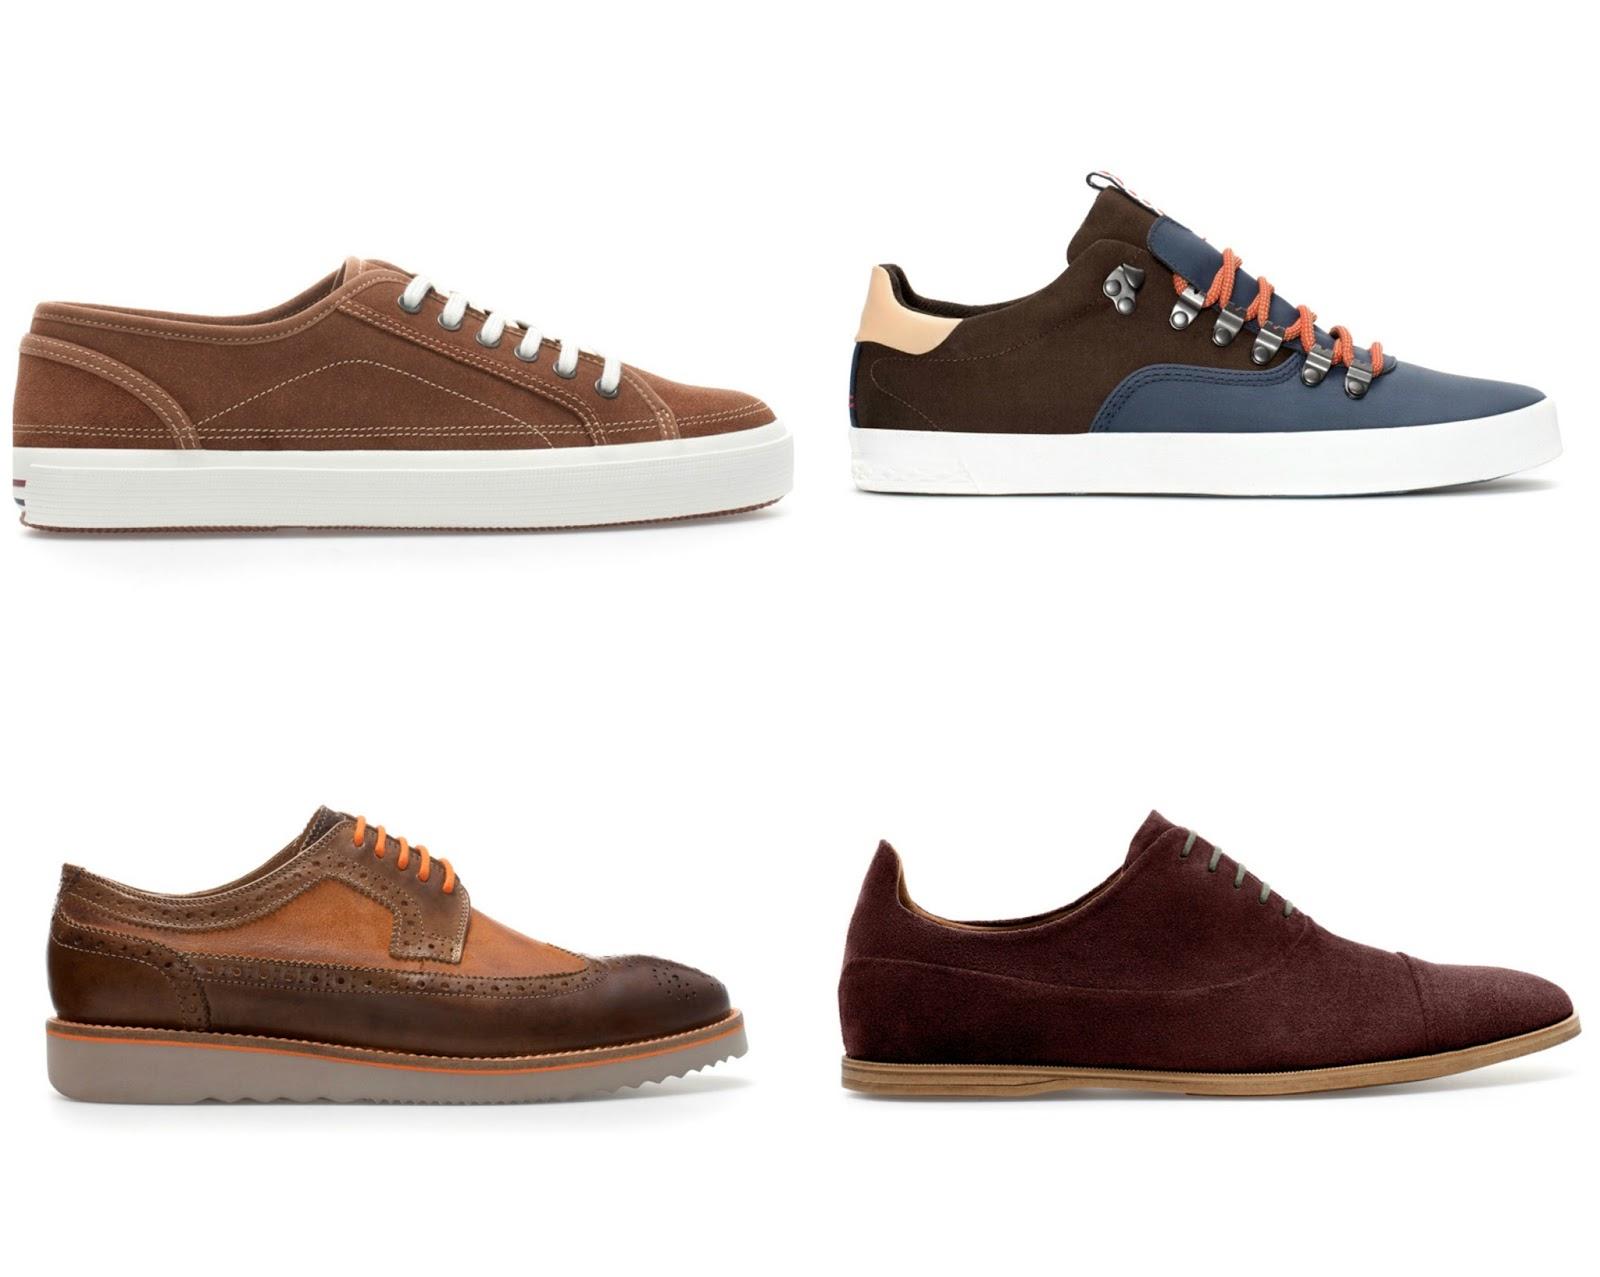 Zapatos calvin klein hombre 2014 - Zapatos collage ...